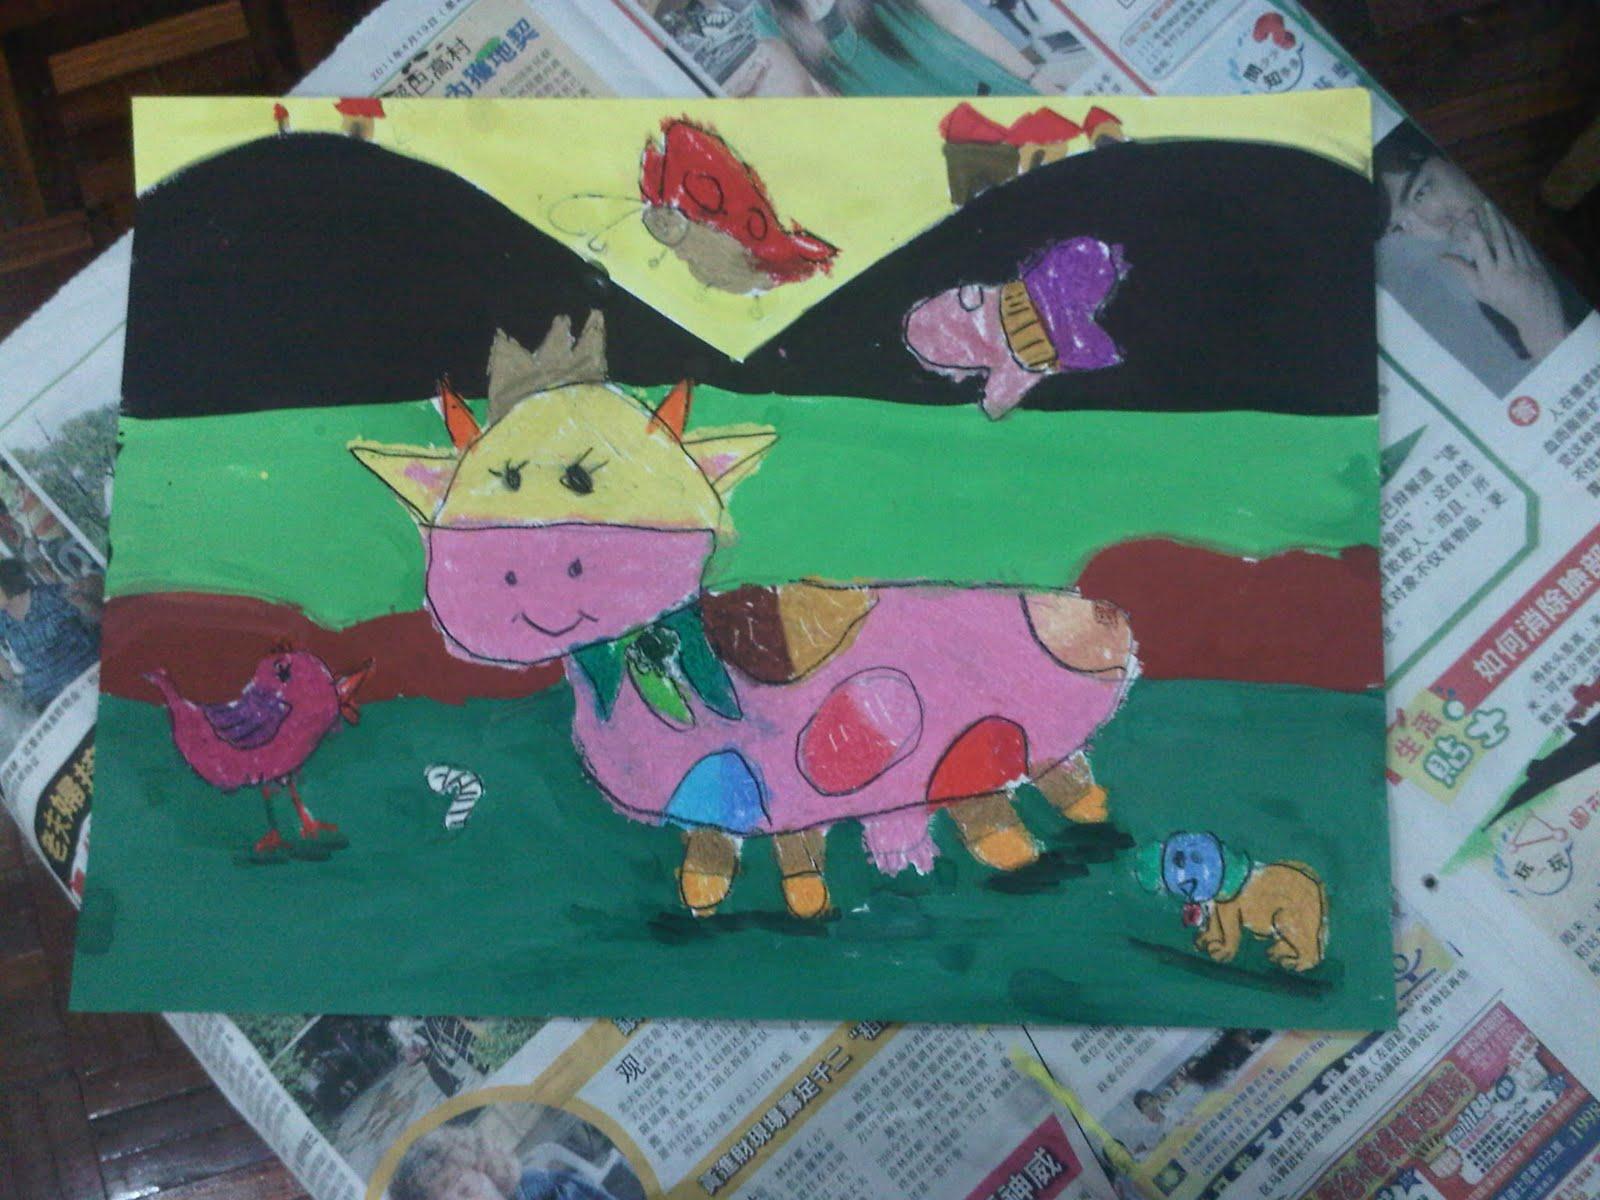 art mind children artwork